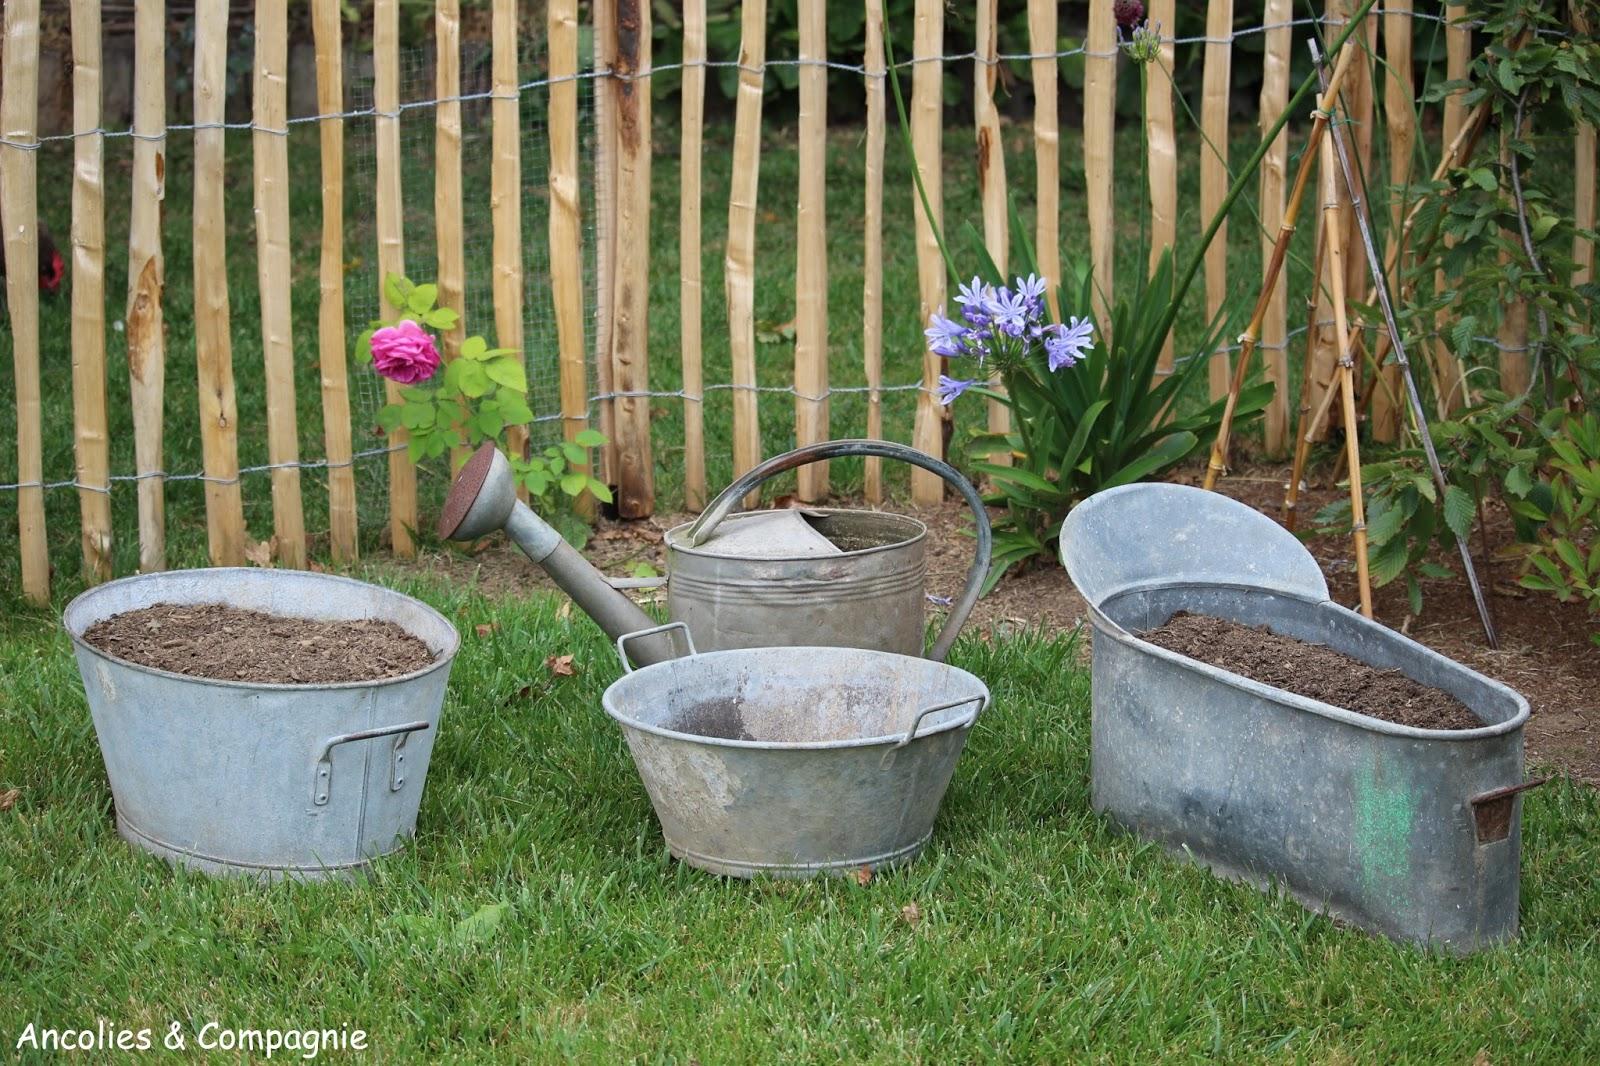 ancolies compagnie du zinc au jardin. Black Bedroom Furniture Sets. Home Design Ideas